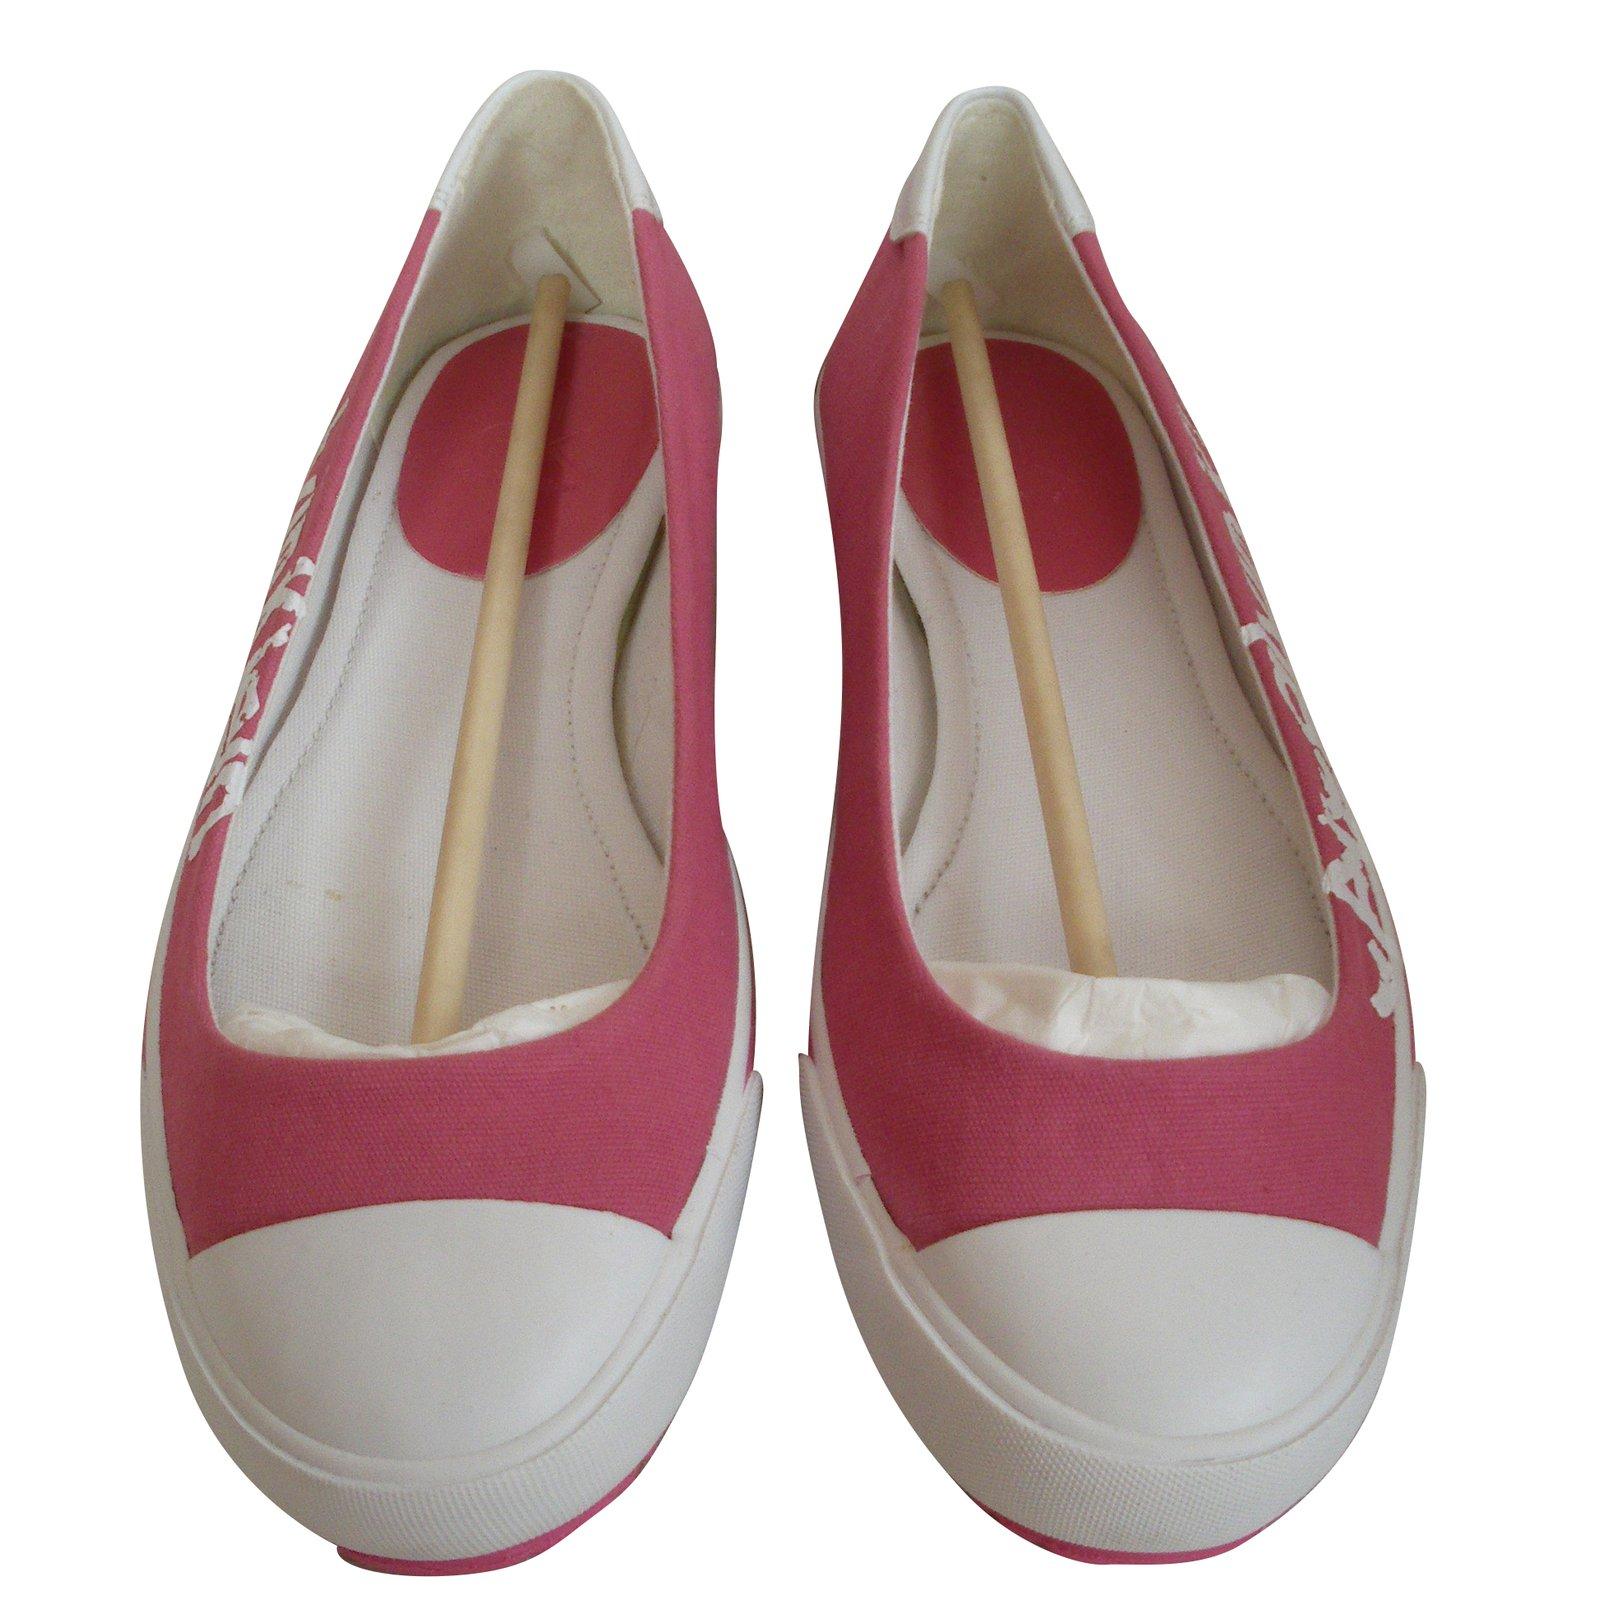 ef4b00e8b28b Calvin Klein Ballet flats Ballet flats Rubber,Cloth Pink ref.44238 ...